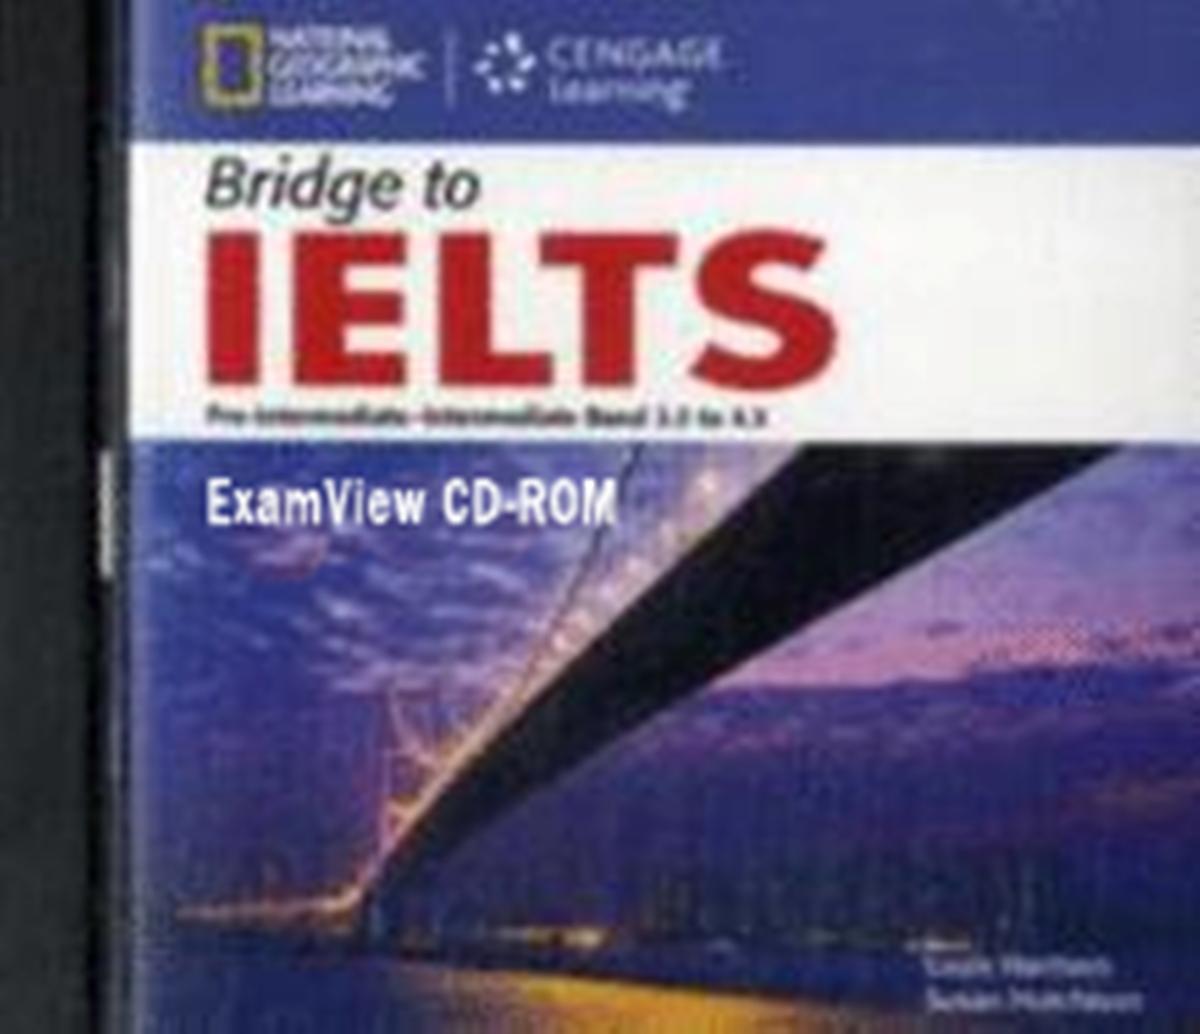 Bridge to IELTS Class ExamView